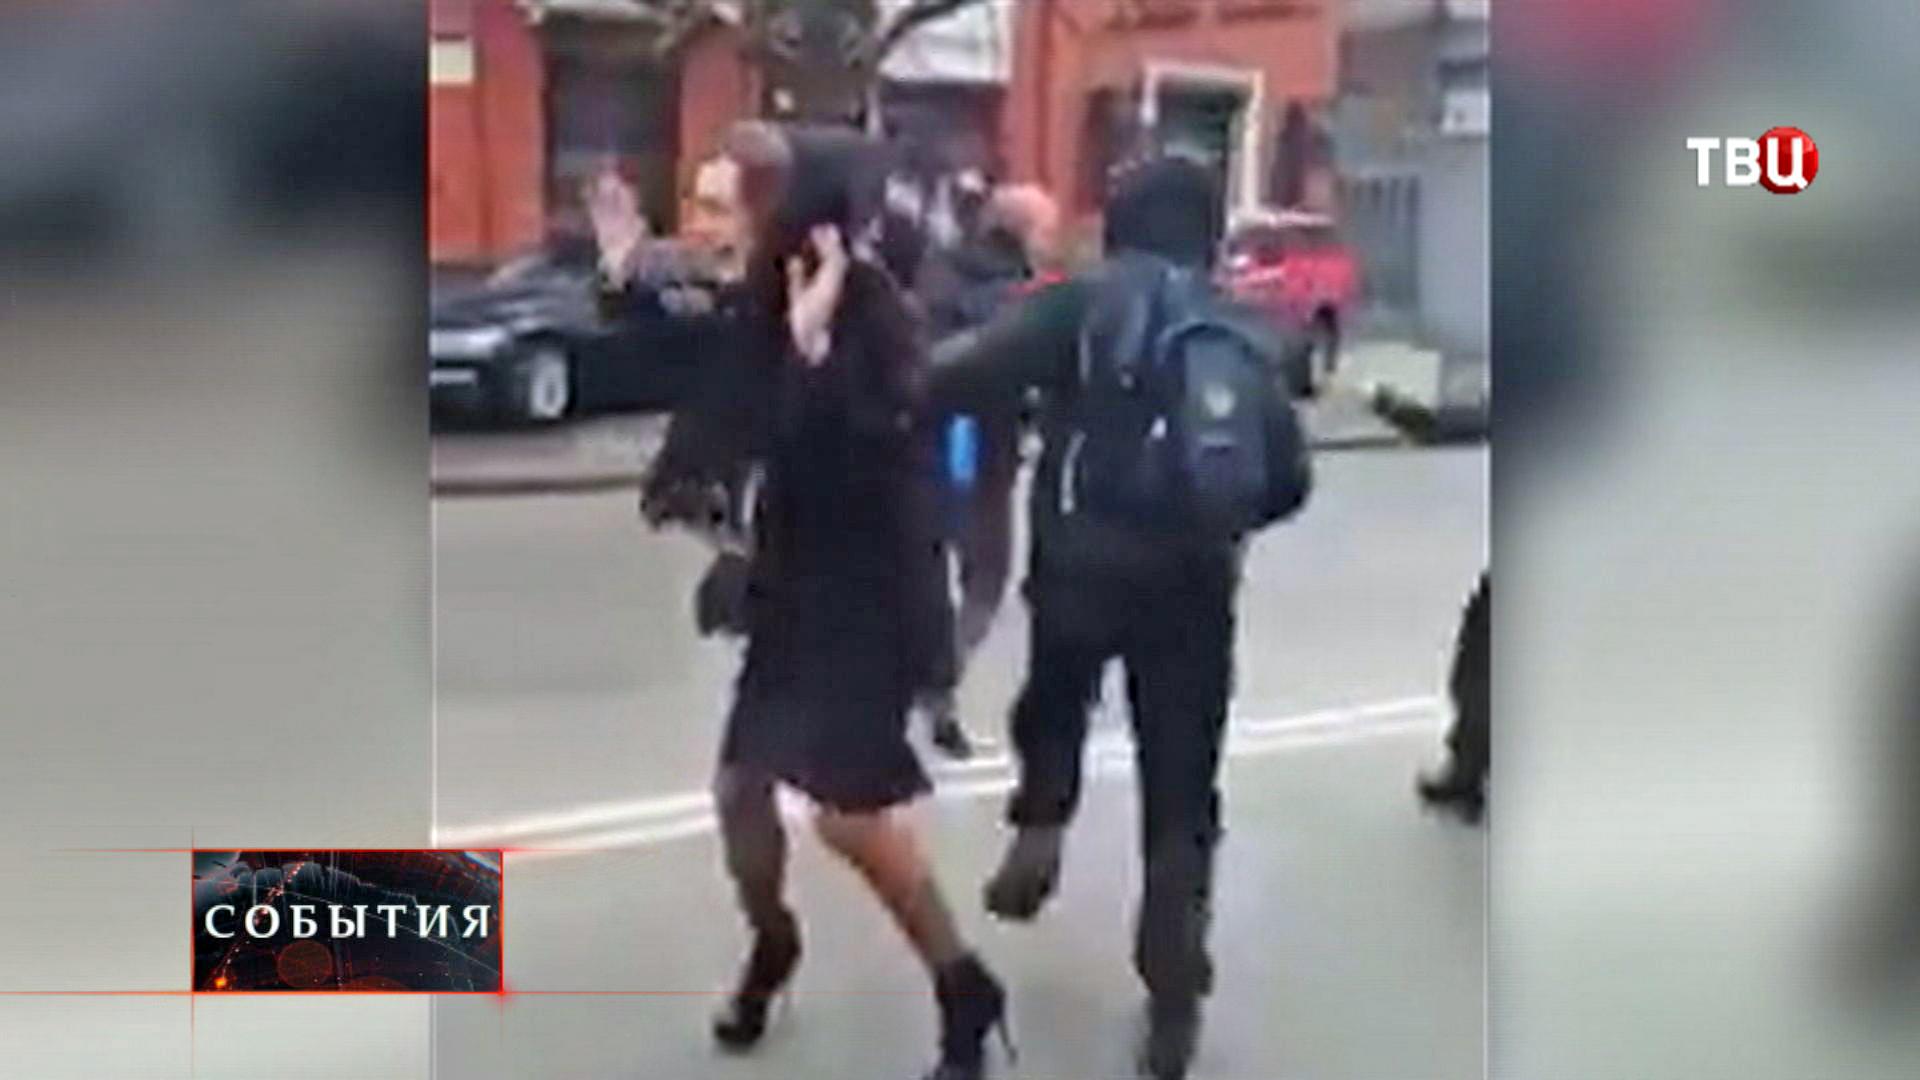 """Радикалы из """"Правого сектора"""" набросились на молодую пару в Днепропетровске"""